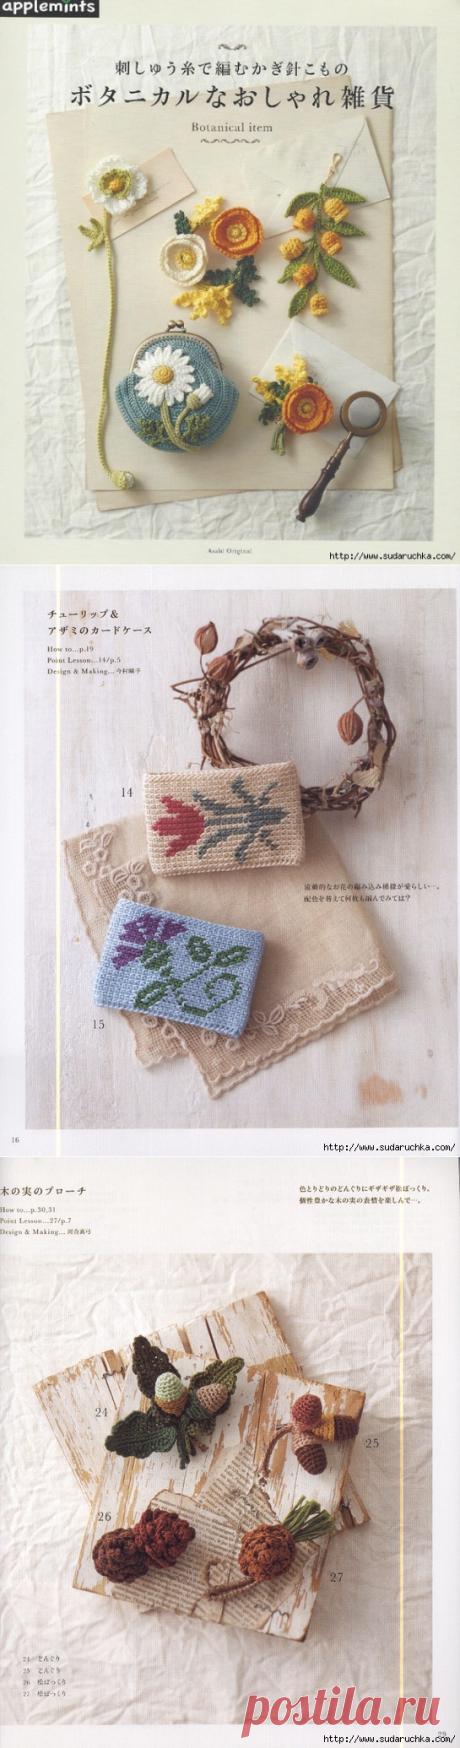 Asahi Original. Botanical Item. Японский журнал по вязанию.